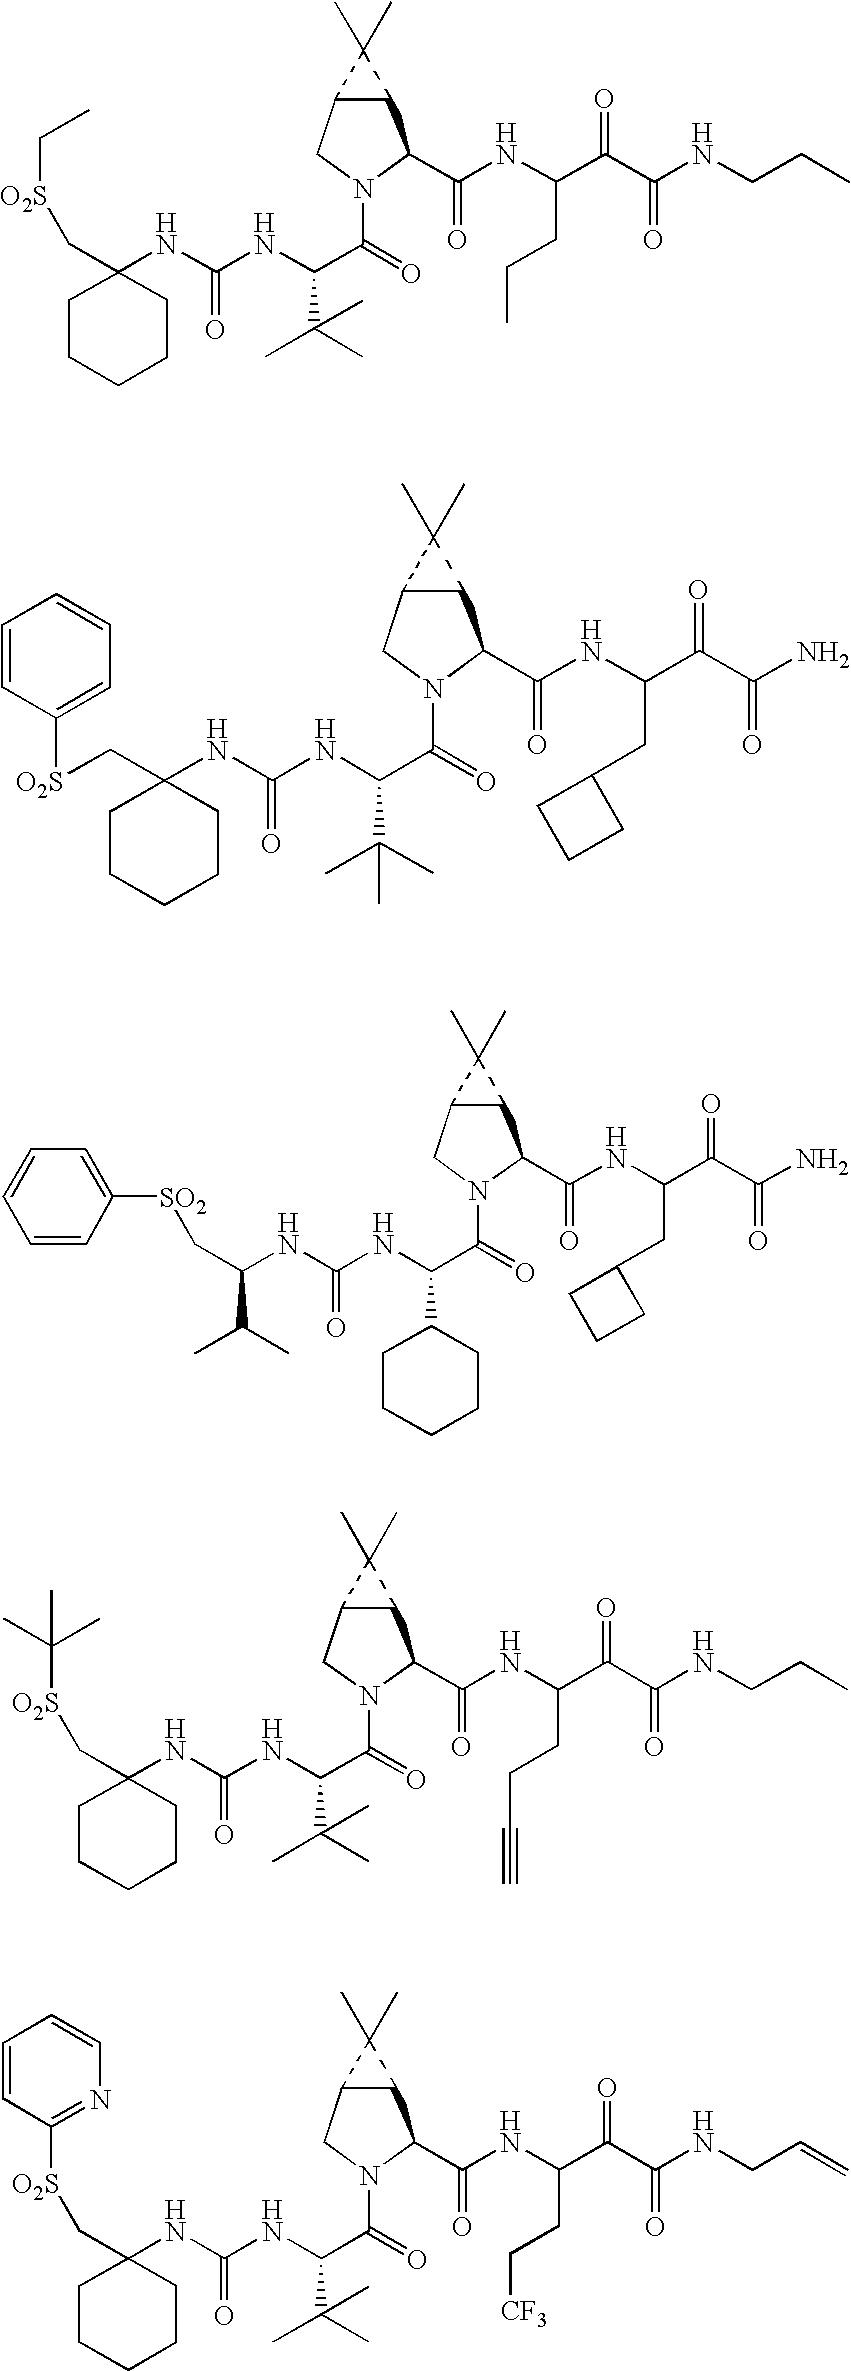 Figure US20060287248A1-20061221-C00461